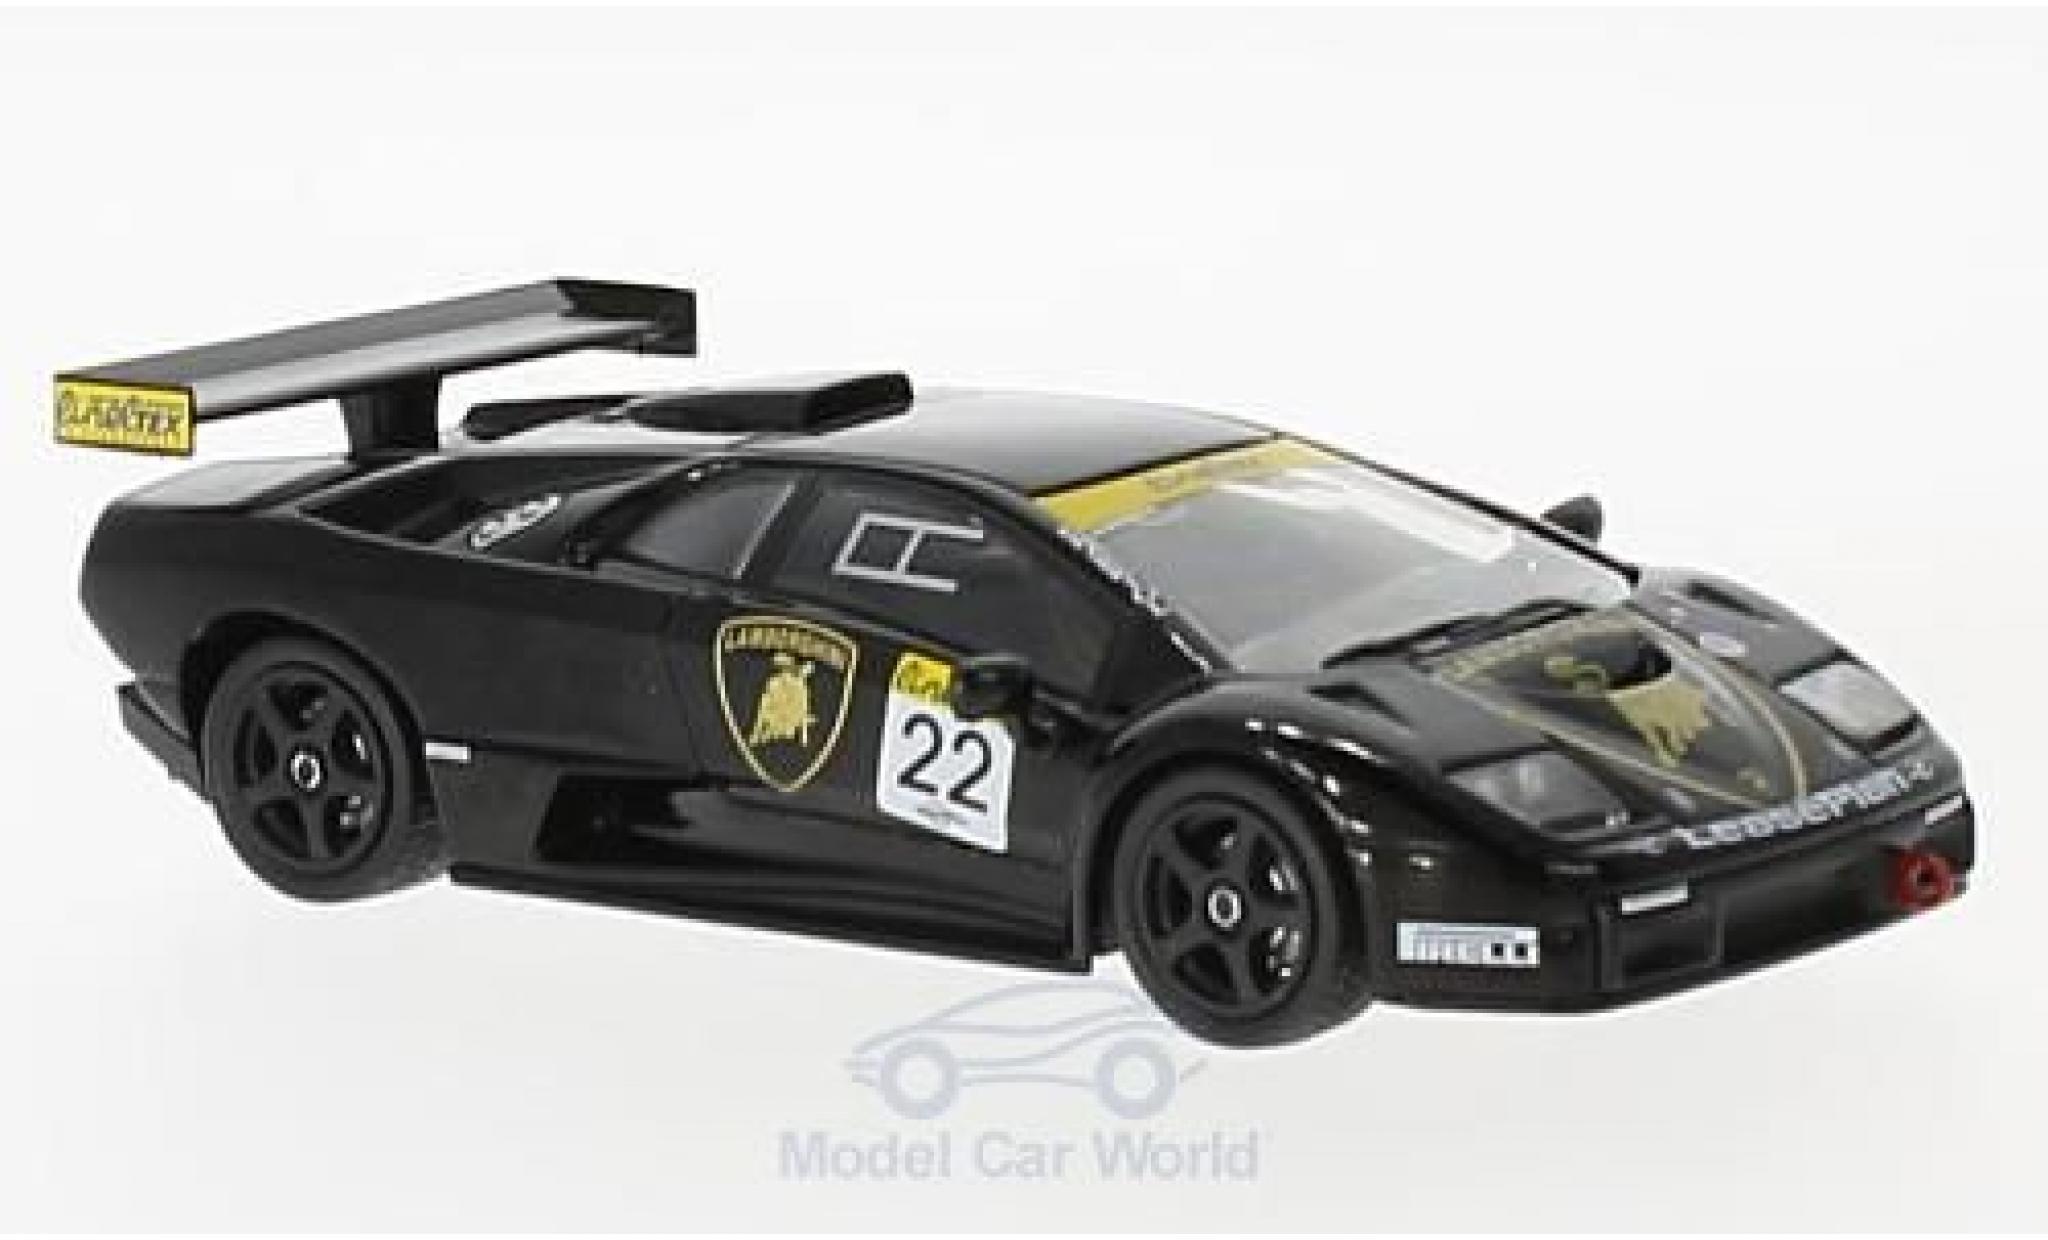 Lamborghini Diablo GT 1/43 SpecialC 98 -R No.22 2001